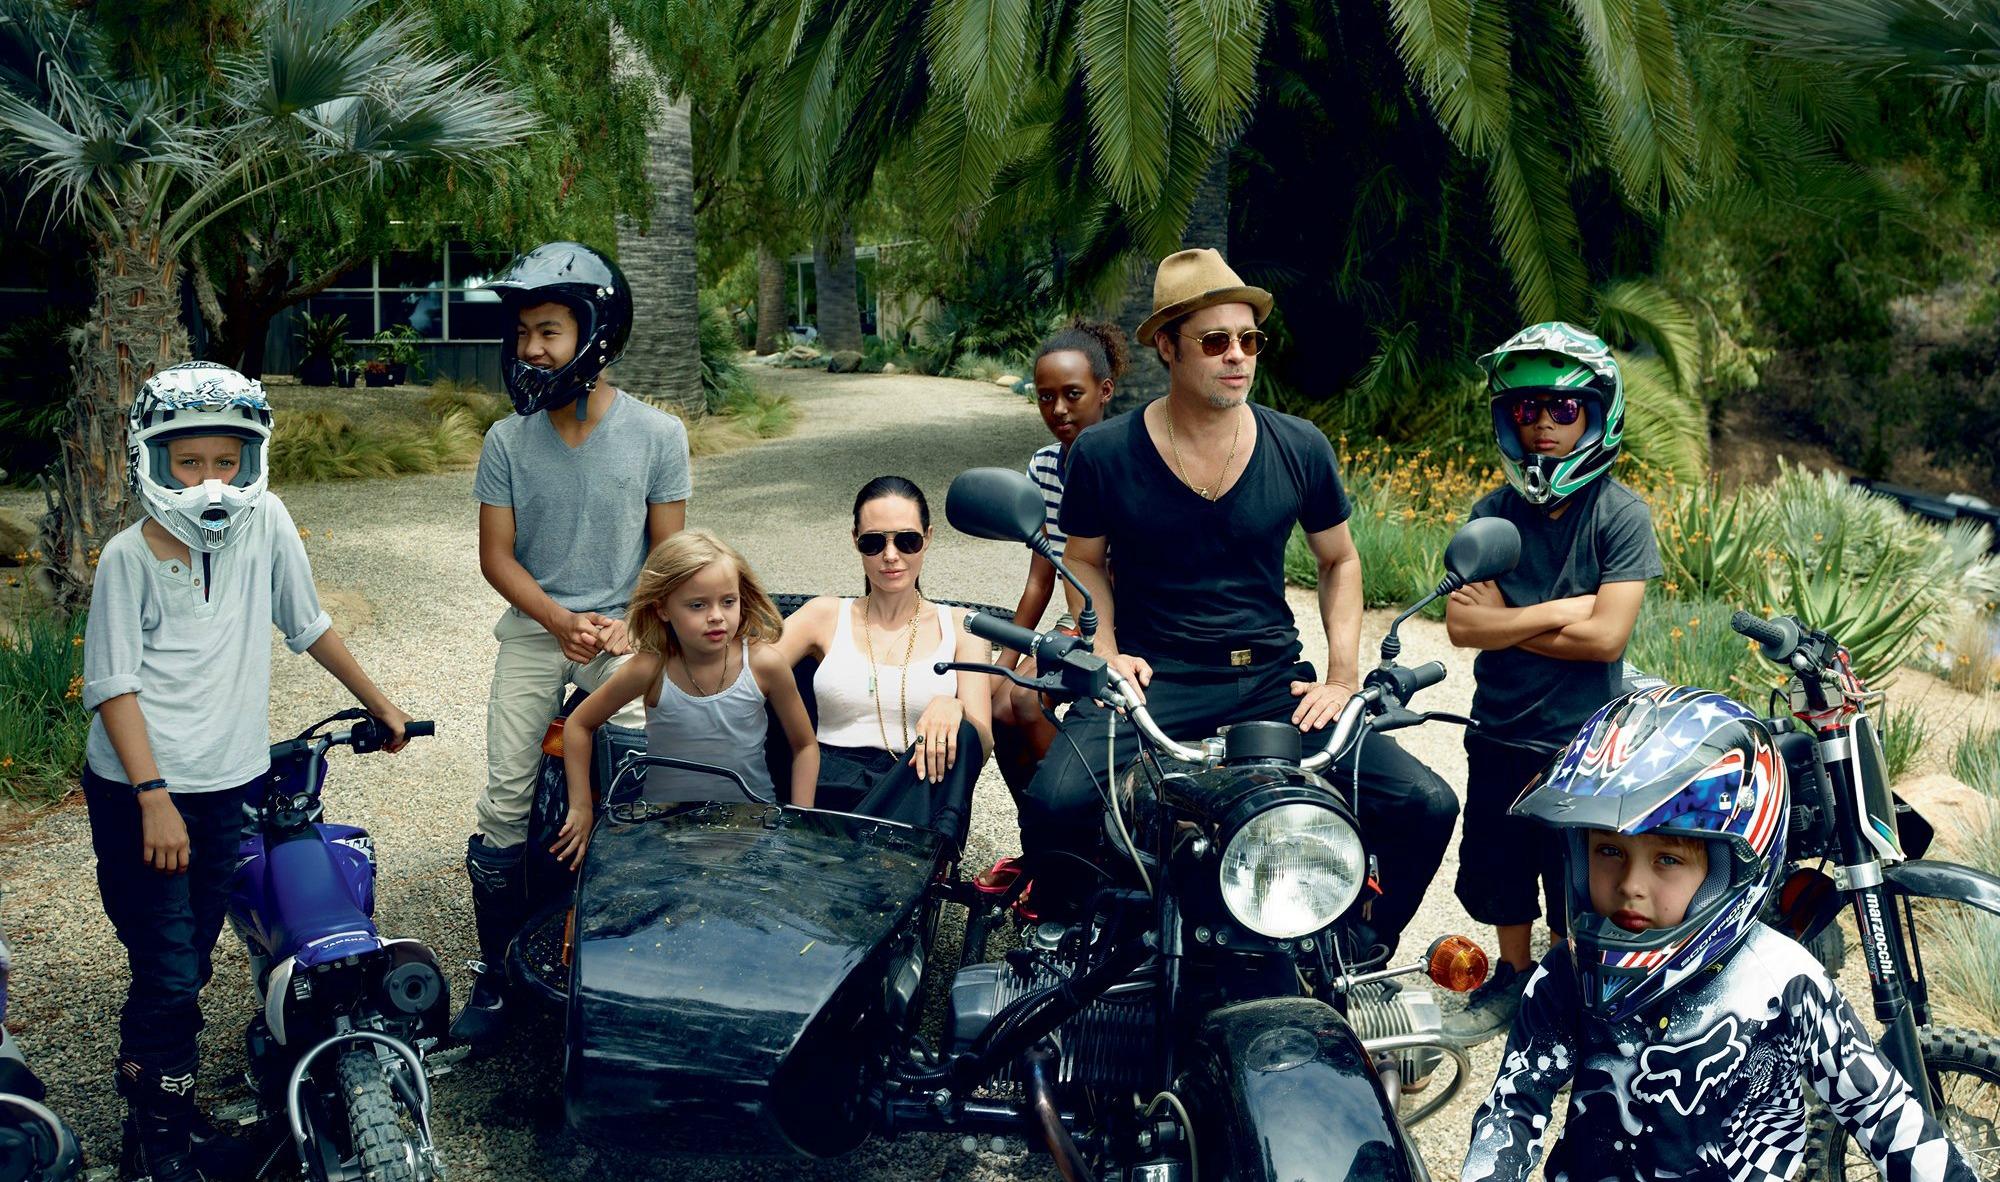 Η οικογένεια Jolie-Pitt όπως φωτογραφήθηκε πριν λίγες μέρες από την Vogue.